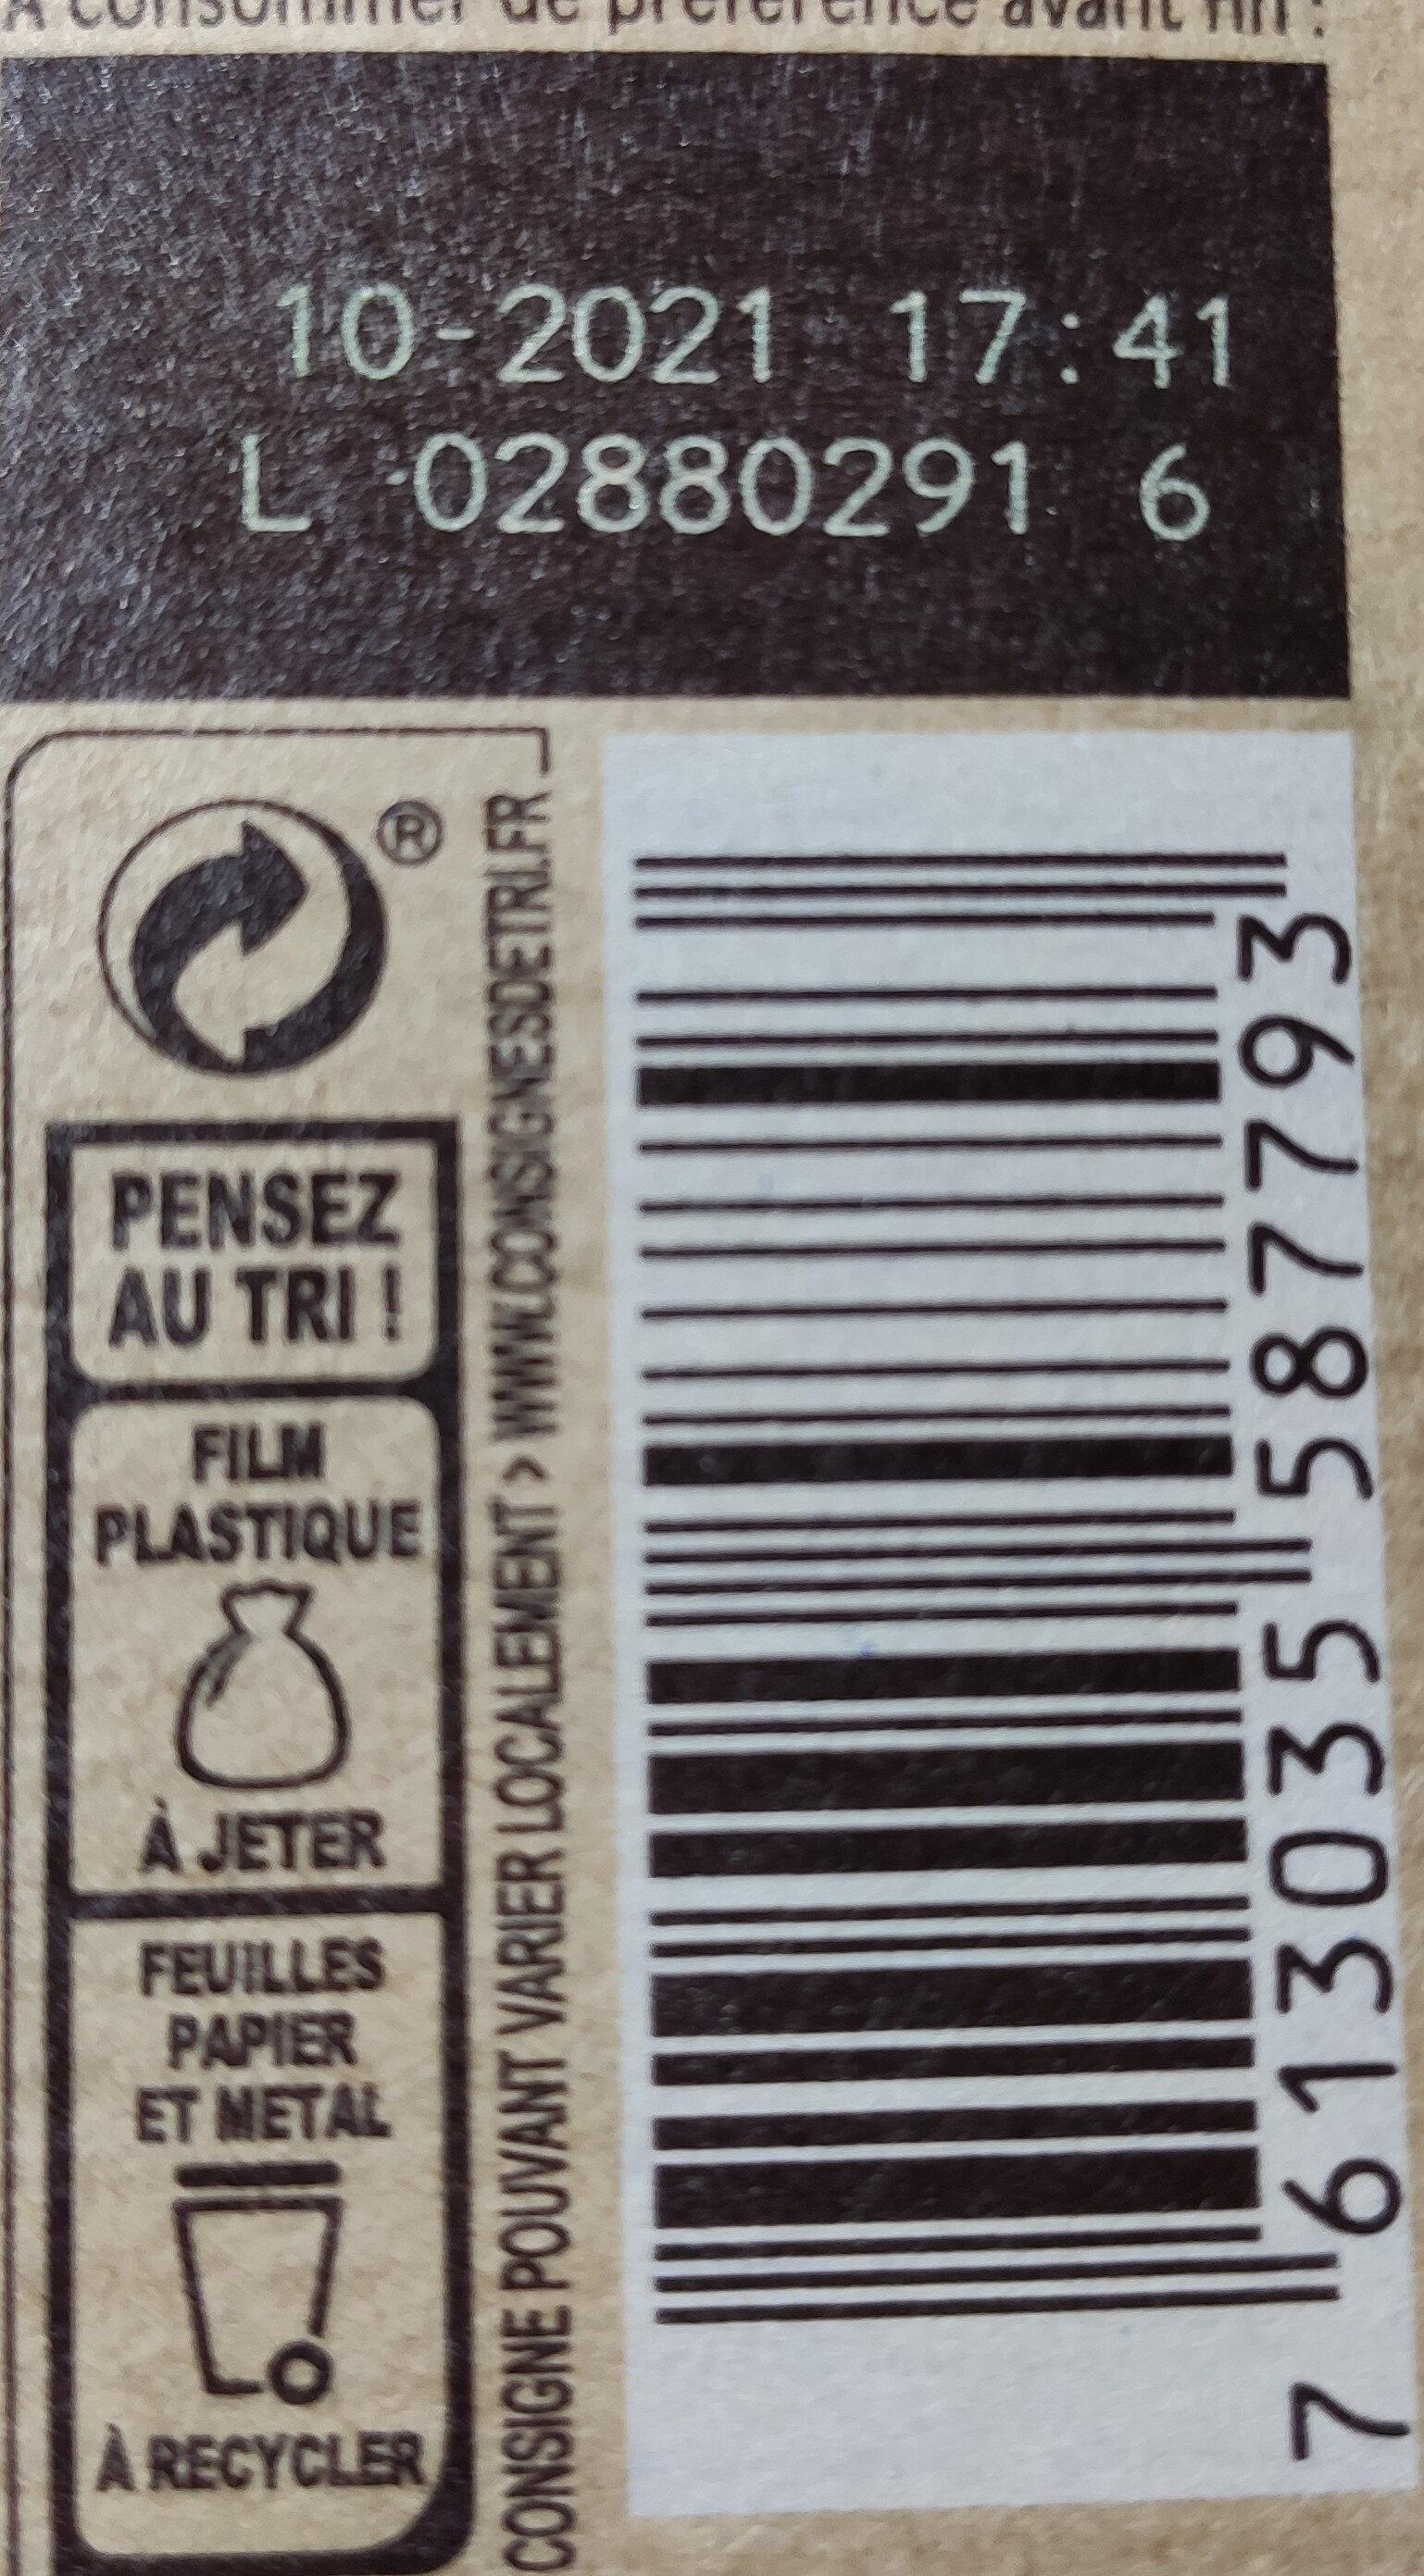 NESTLE DESSERT Chocolat au Lait - Instruction de recyclage et/ou informations d'emballage - fr